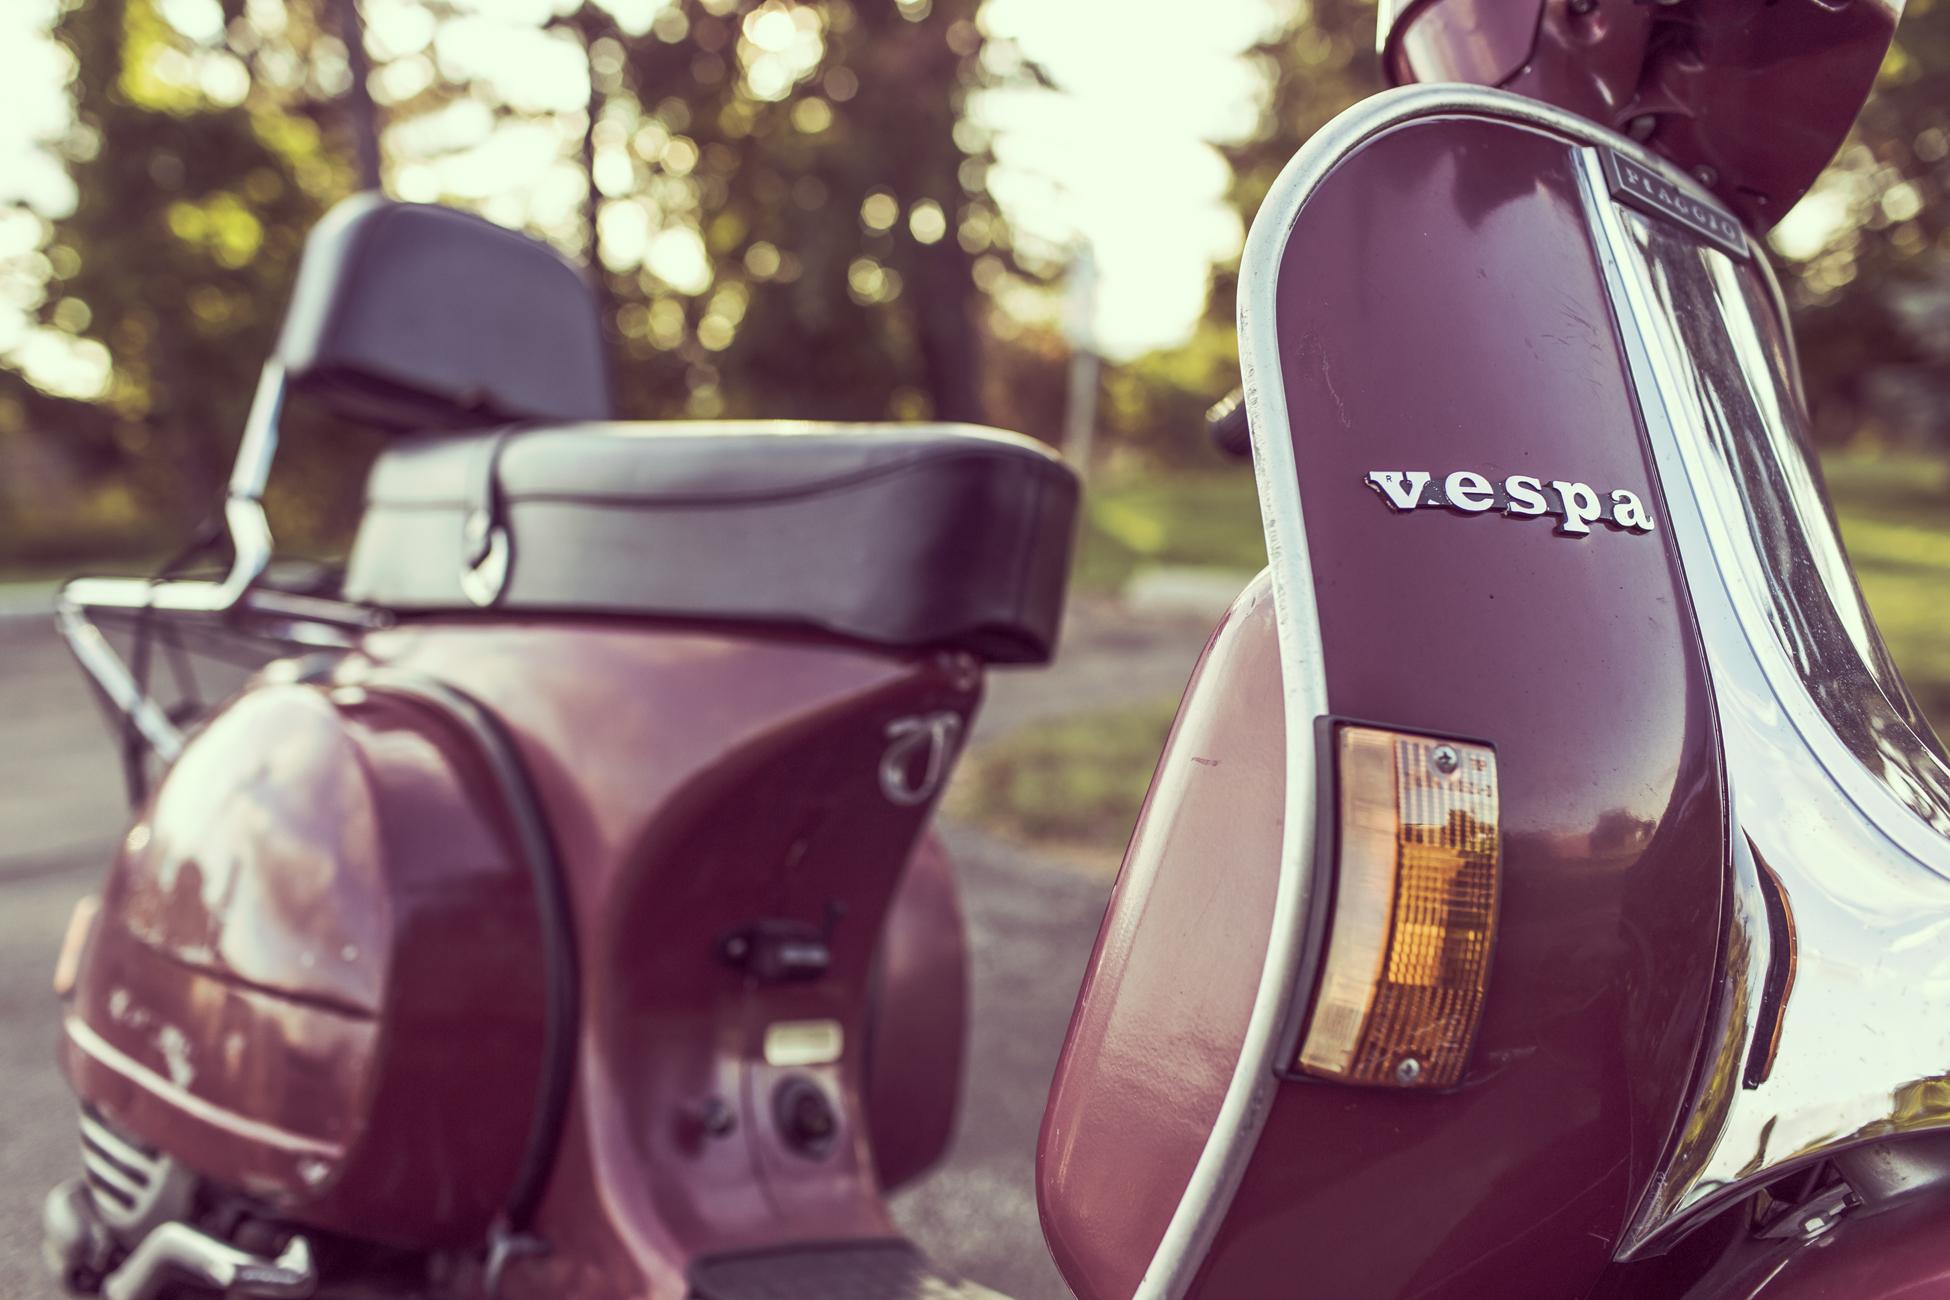 Vespa_aubergine